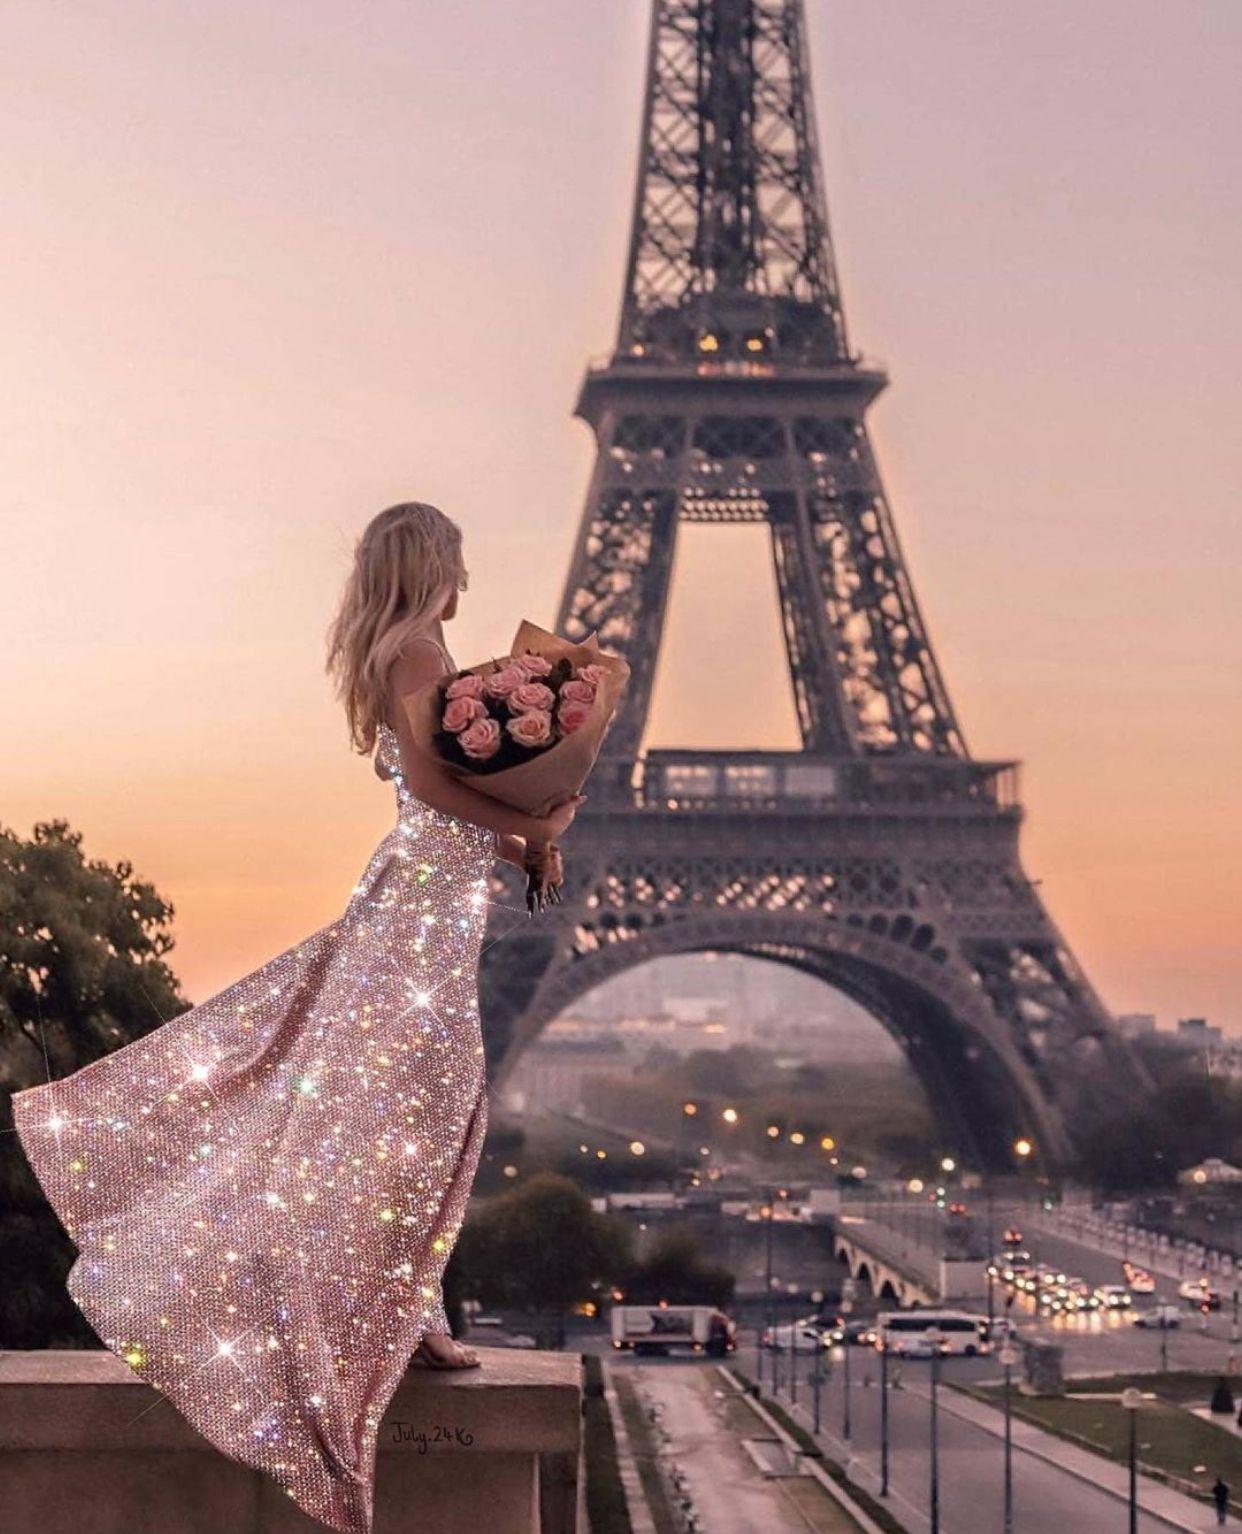 Paris Girl Paris Photography Beautiful Paris